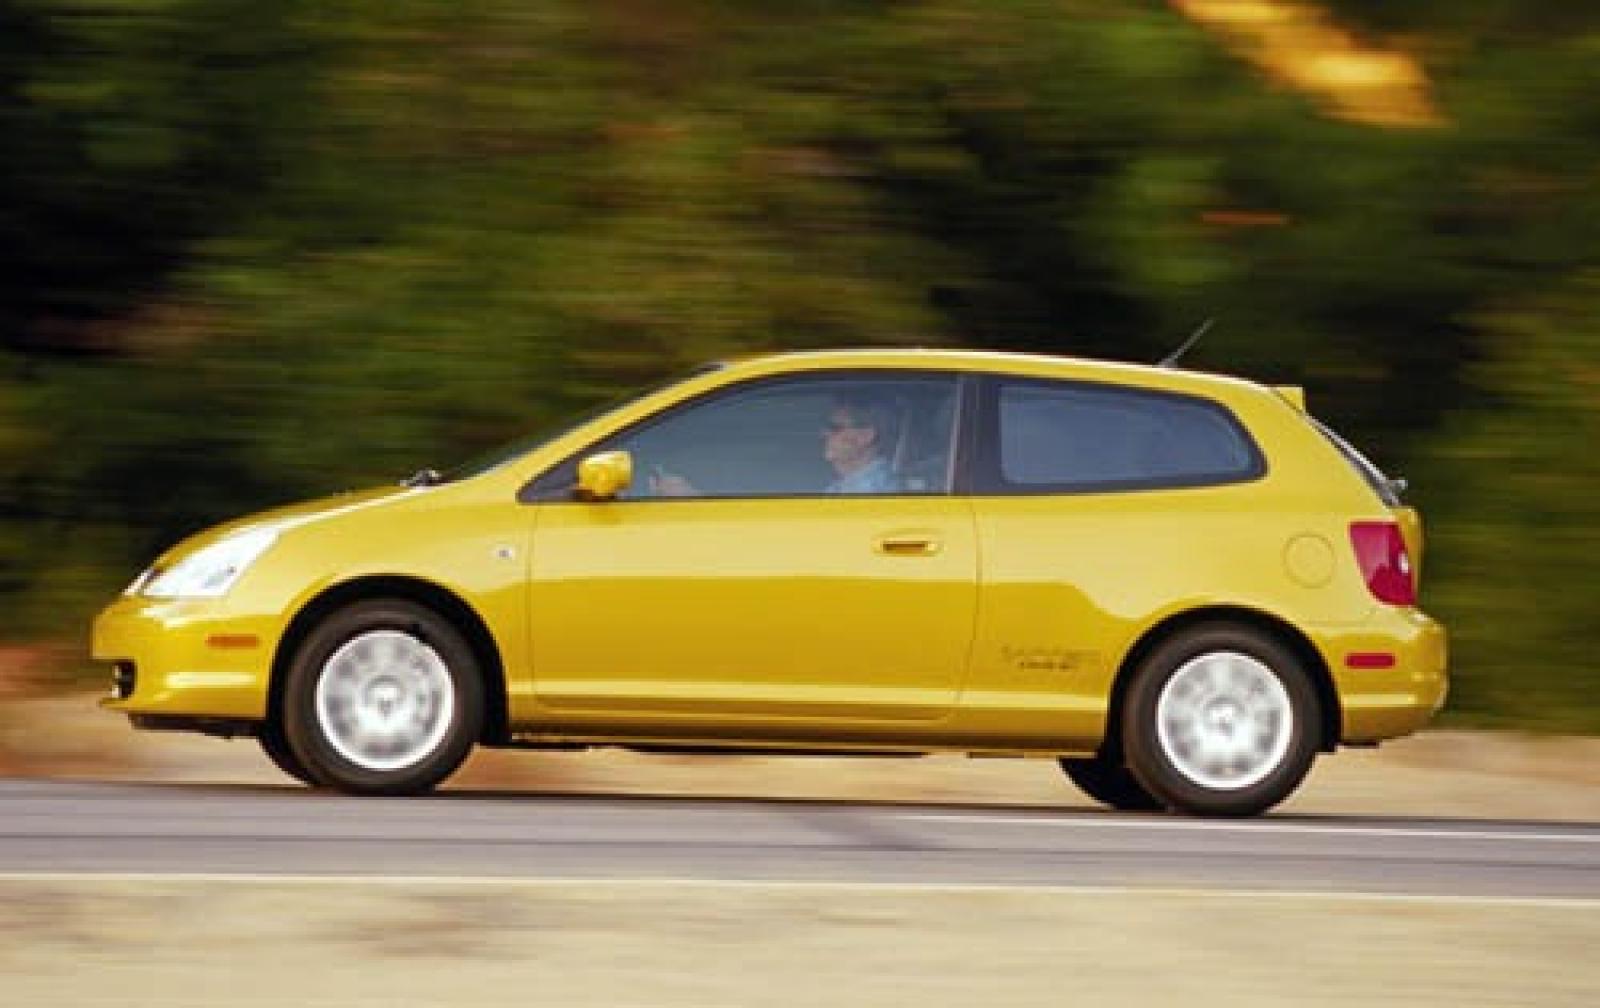 Beautiful 800 1024 1280 1600 Origin 2003 Honda Civic ...